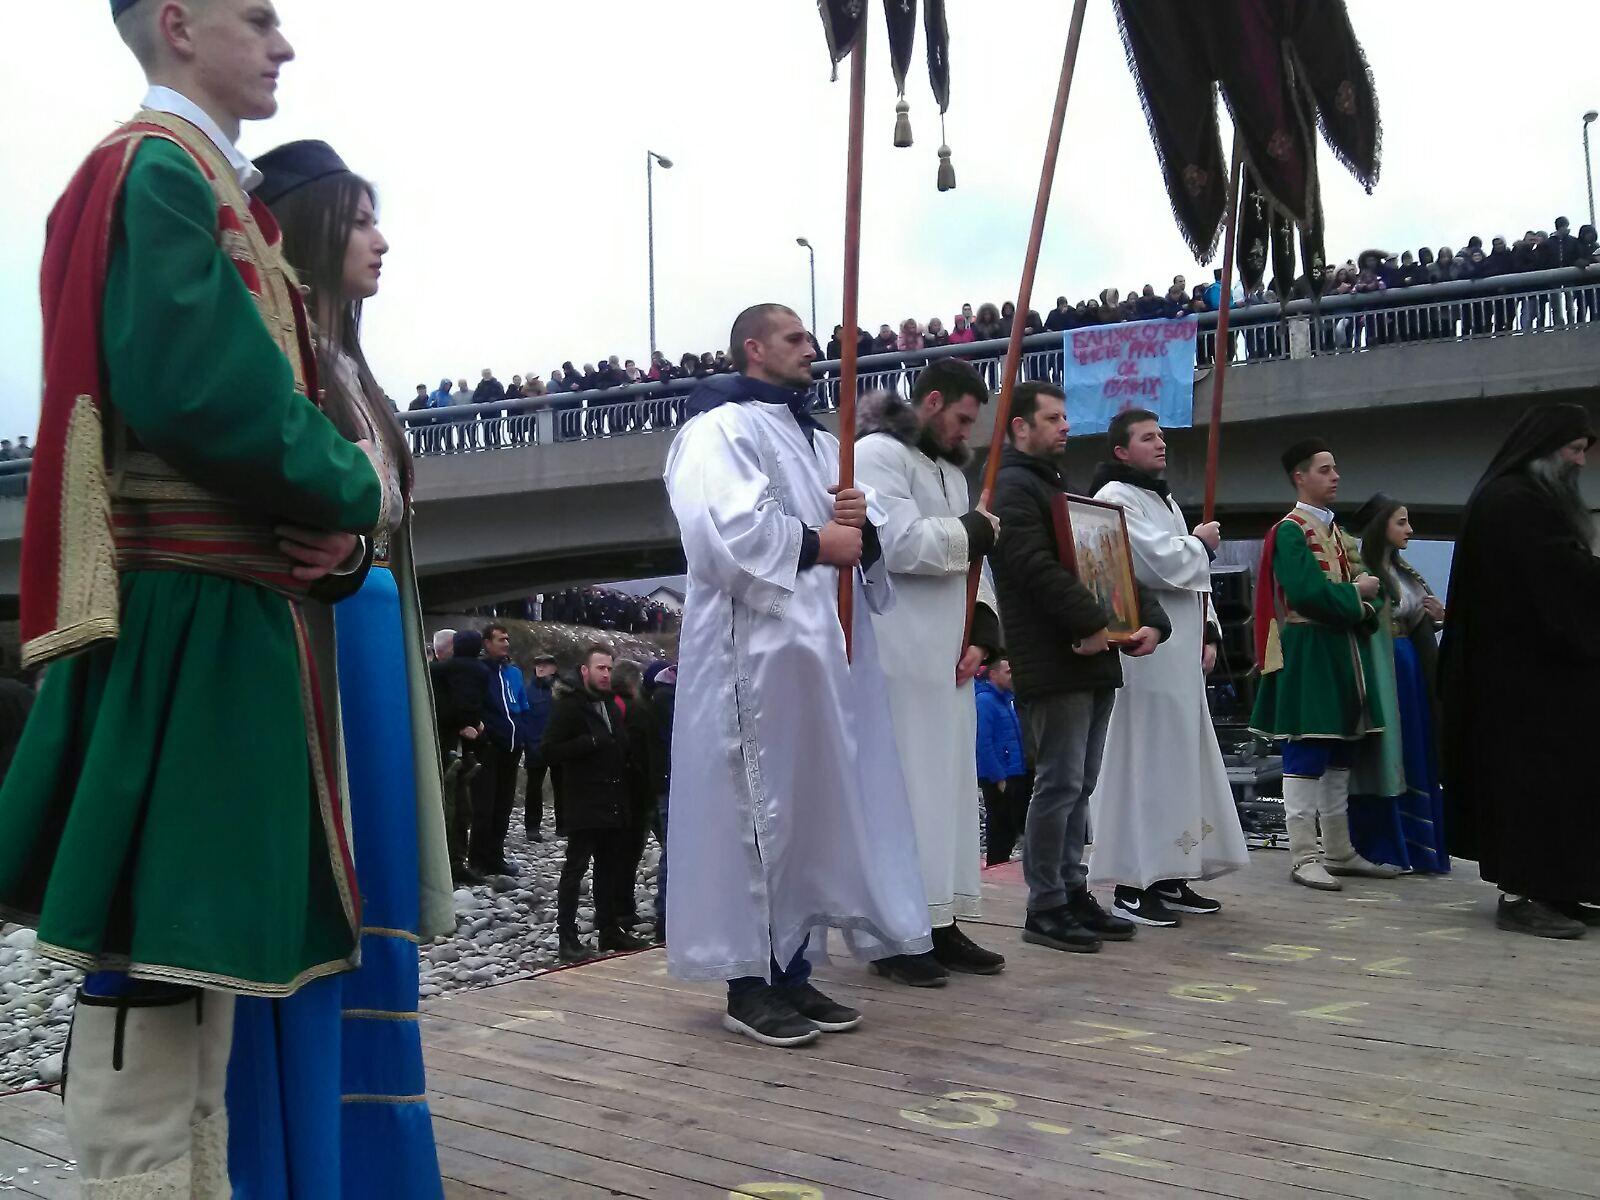 Mladići i djevojke u crnogorskim narodnim nošnjama